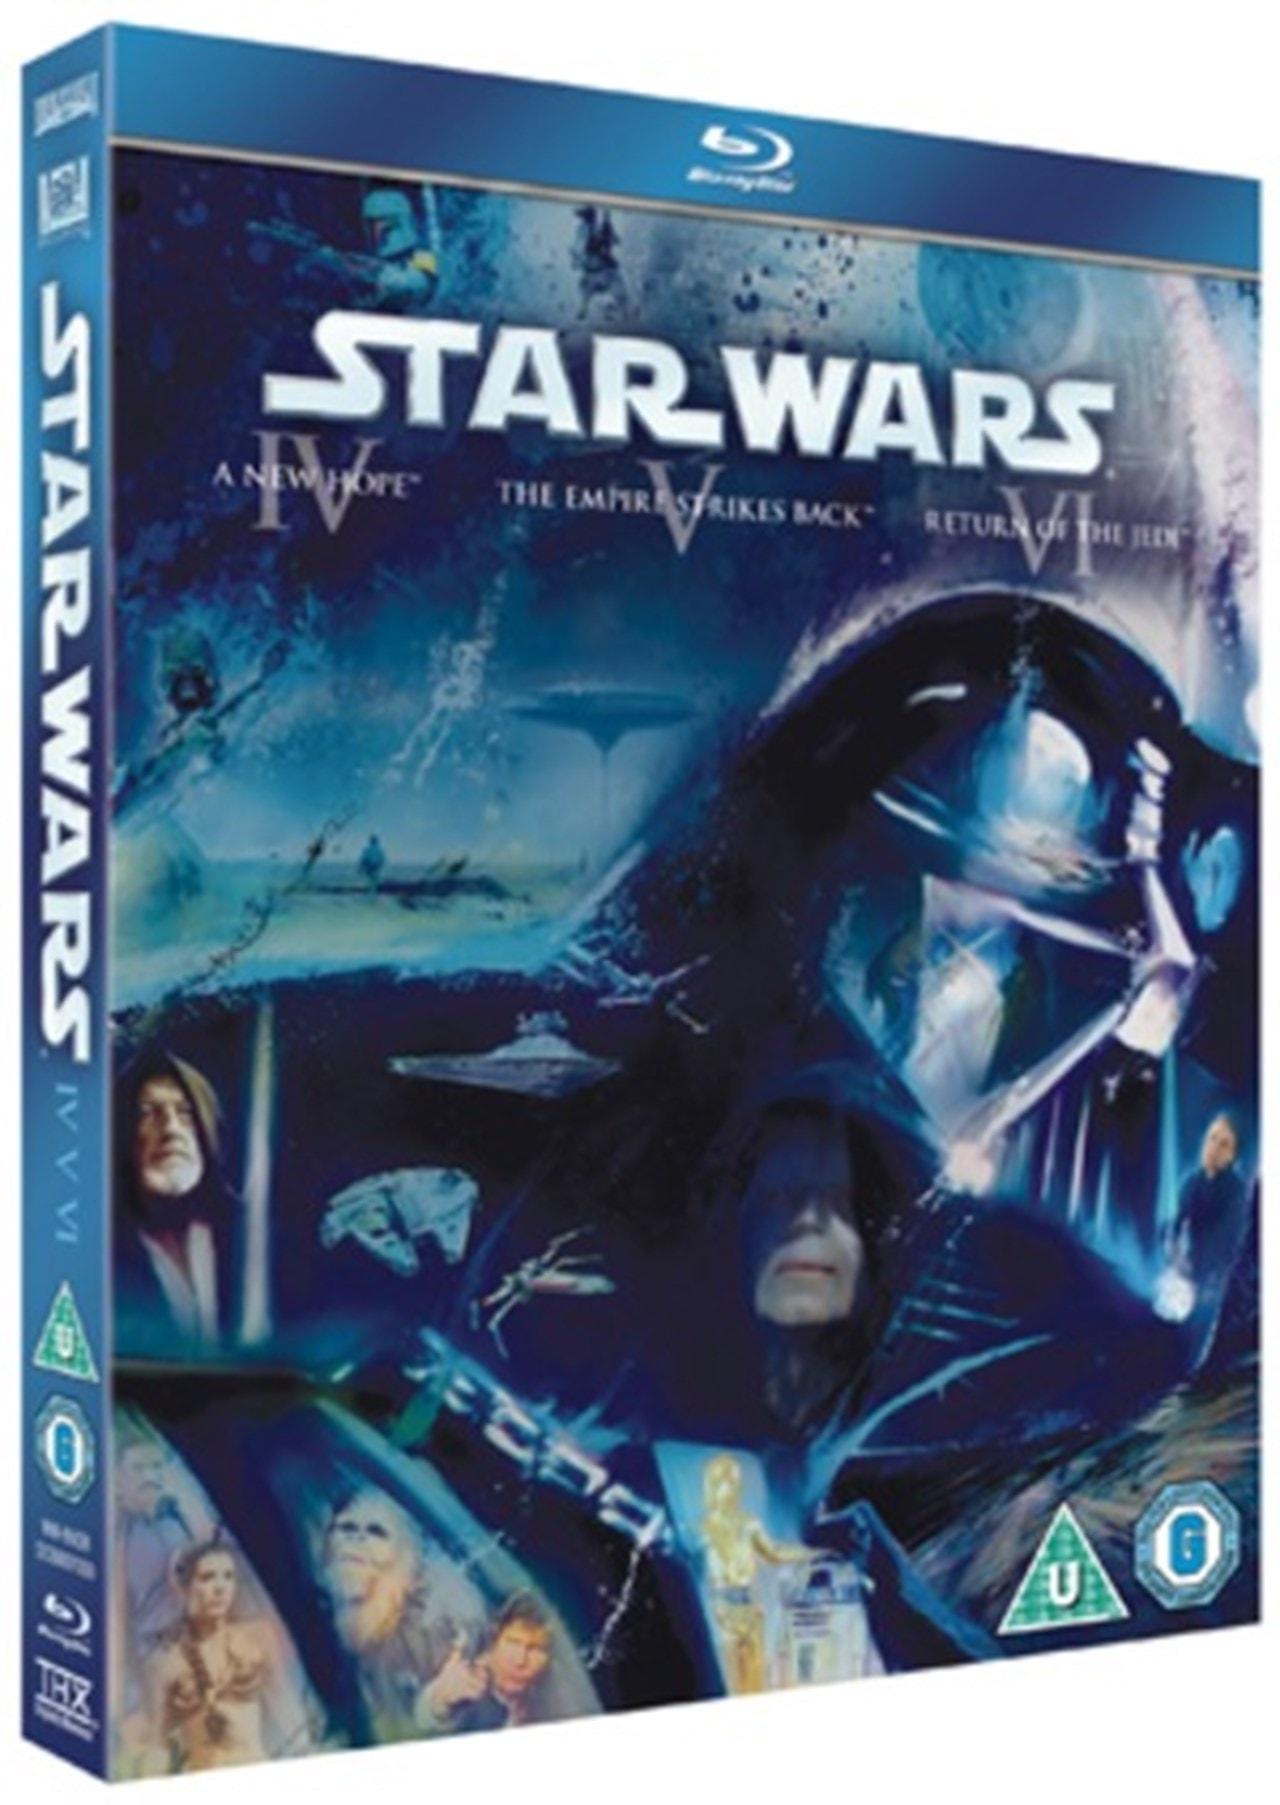 Star Wars Trilogy: Episodes IV, V and VI - 1